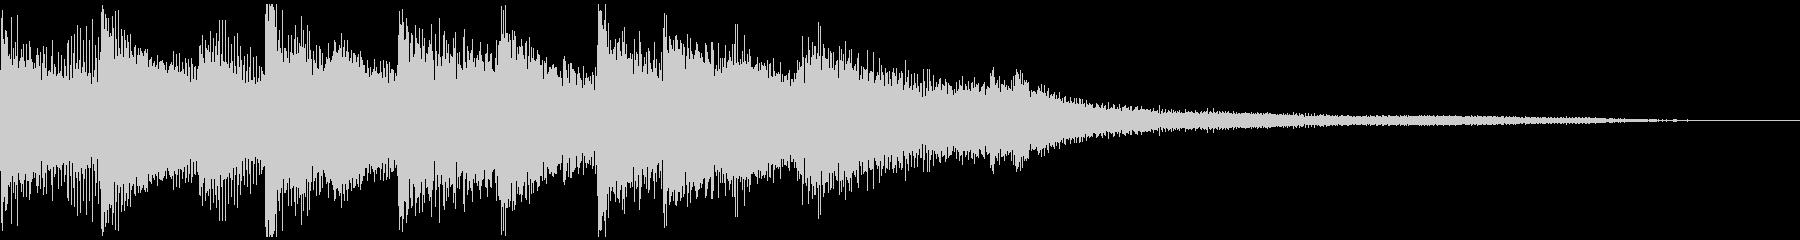 落ち着いたトーンのピアノのジングルの未再生の波形